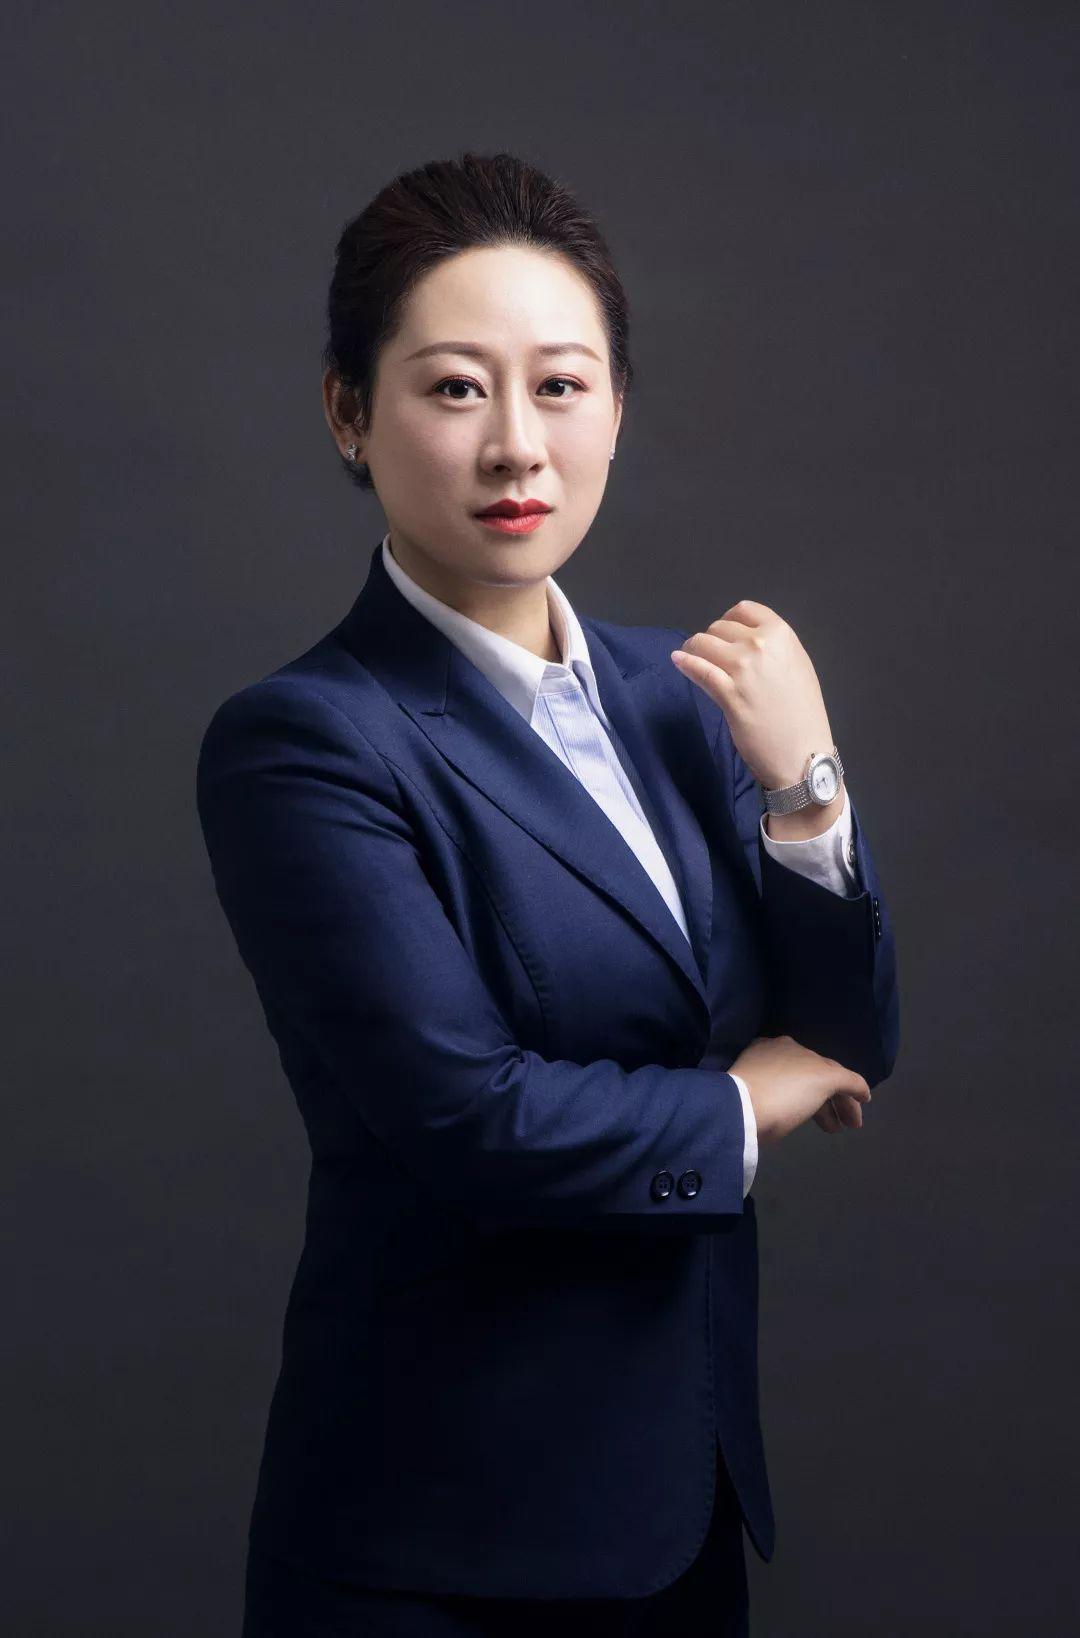 ccc3333dj_02  2j服务营销驱动模式 3333 王玮艳女士从四个方面分享了创实集团\